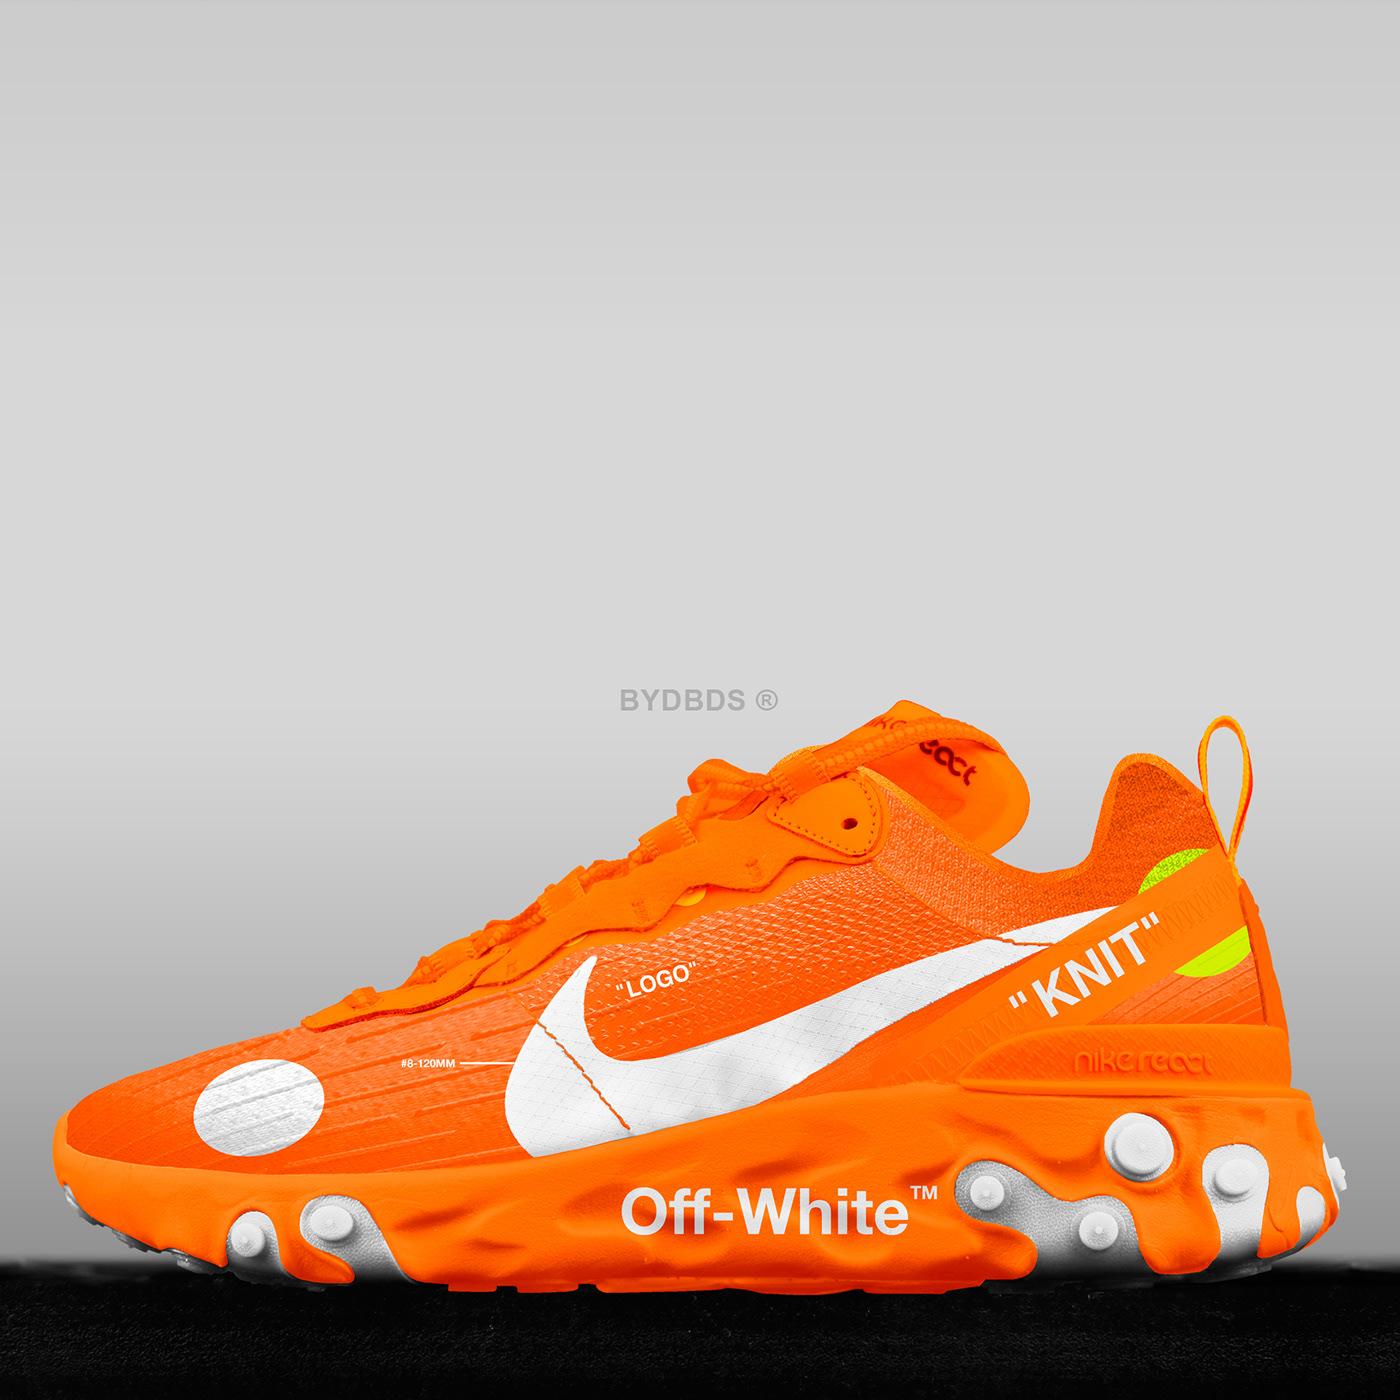 Nike React Element 87 x Off-White